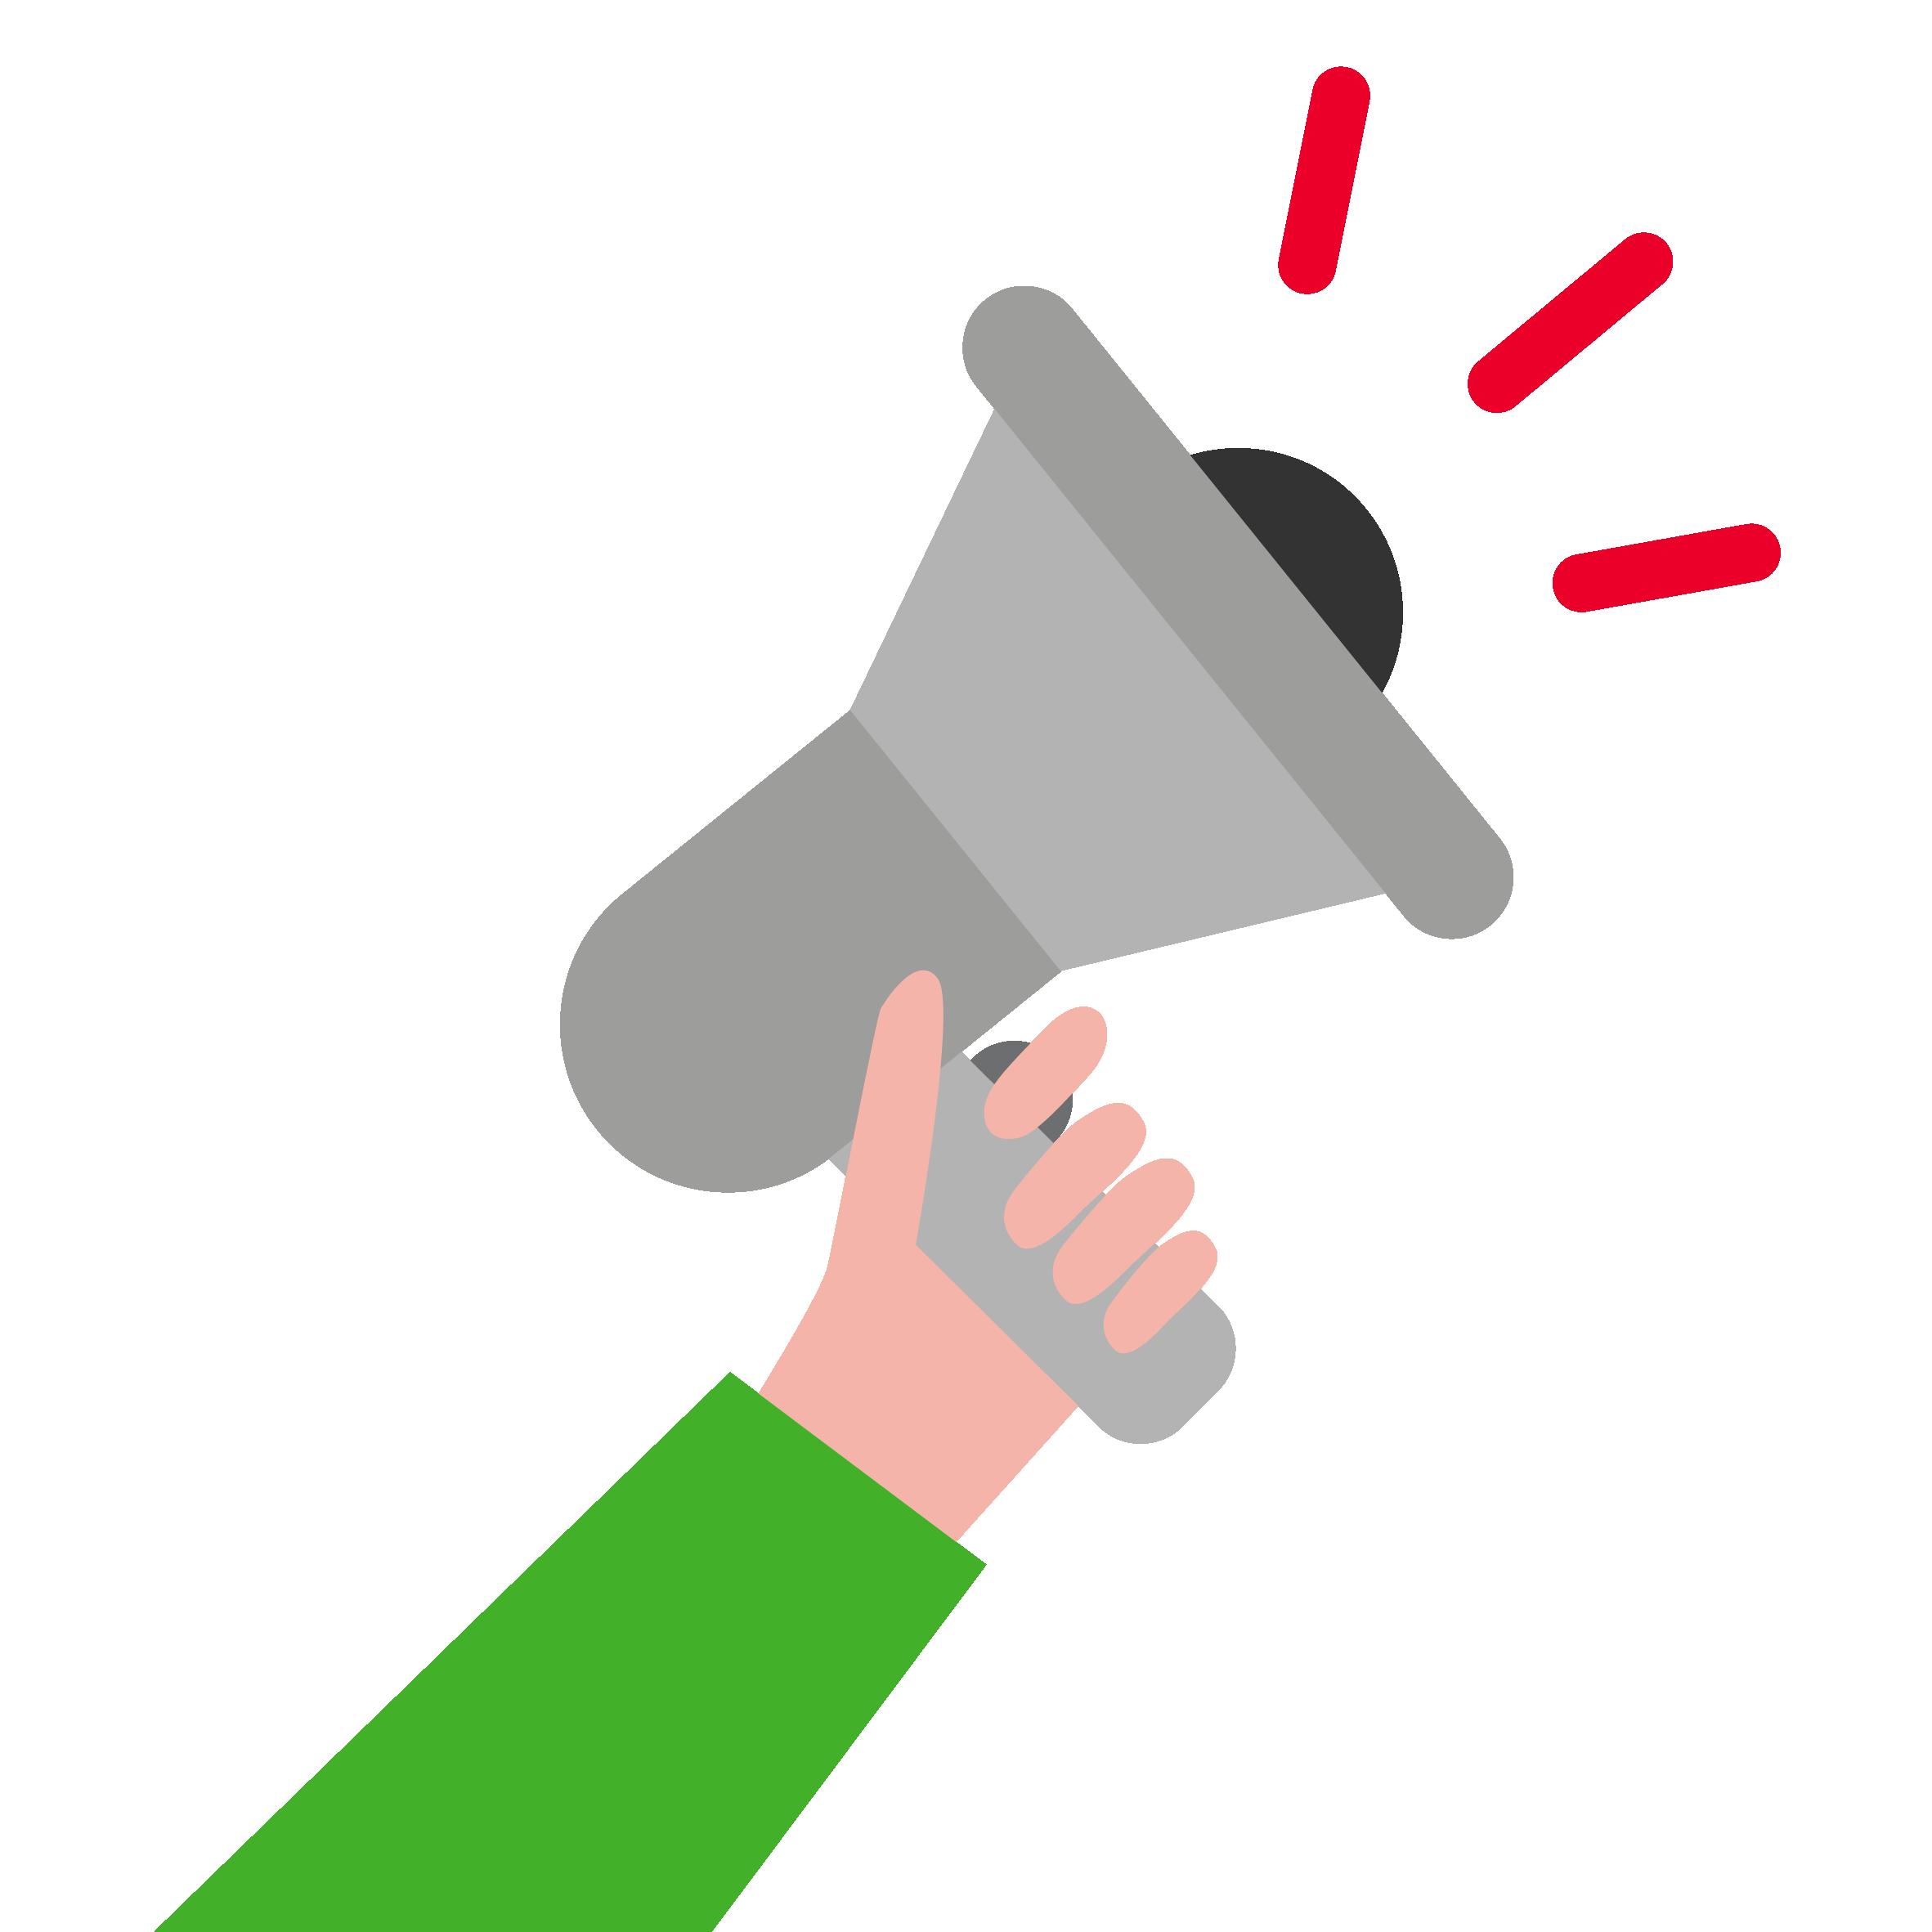 picto-megaphone